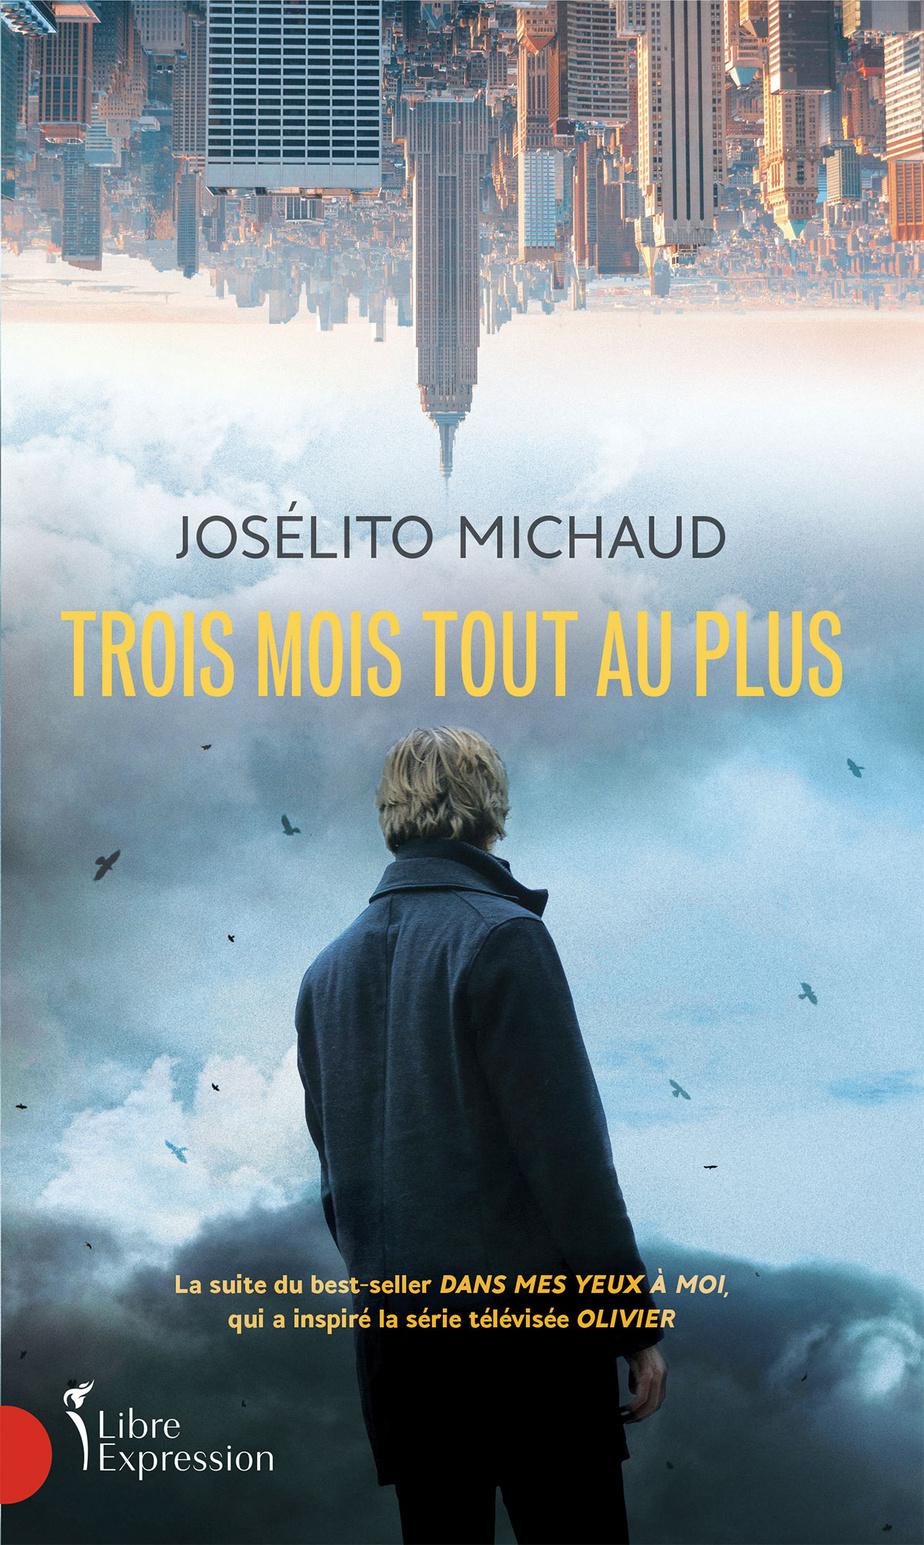 Un Nouveau Roman Pour Joselito Michaud La Presse